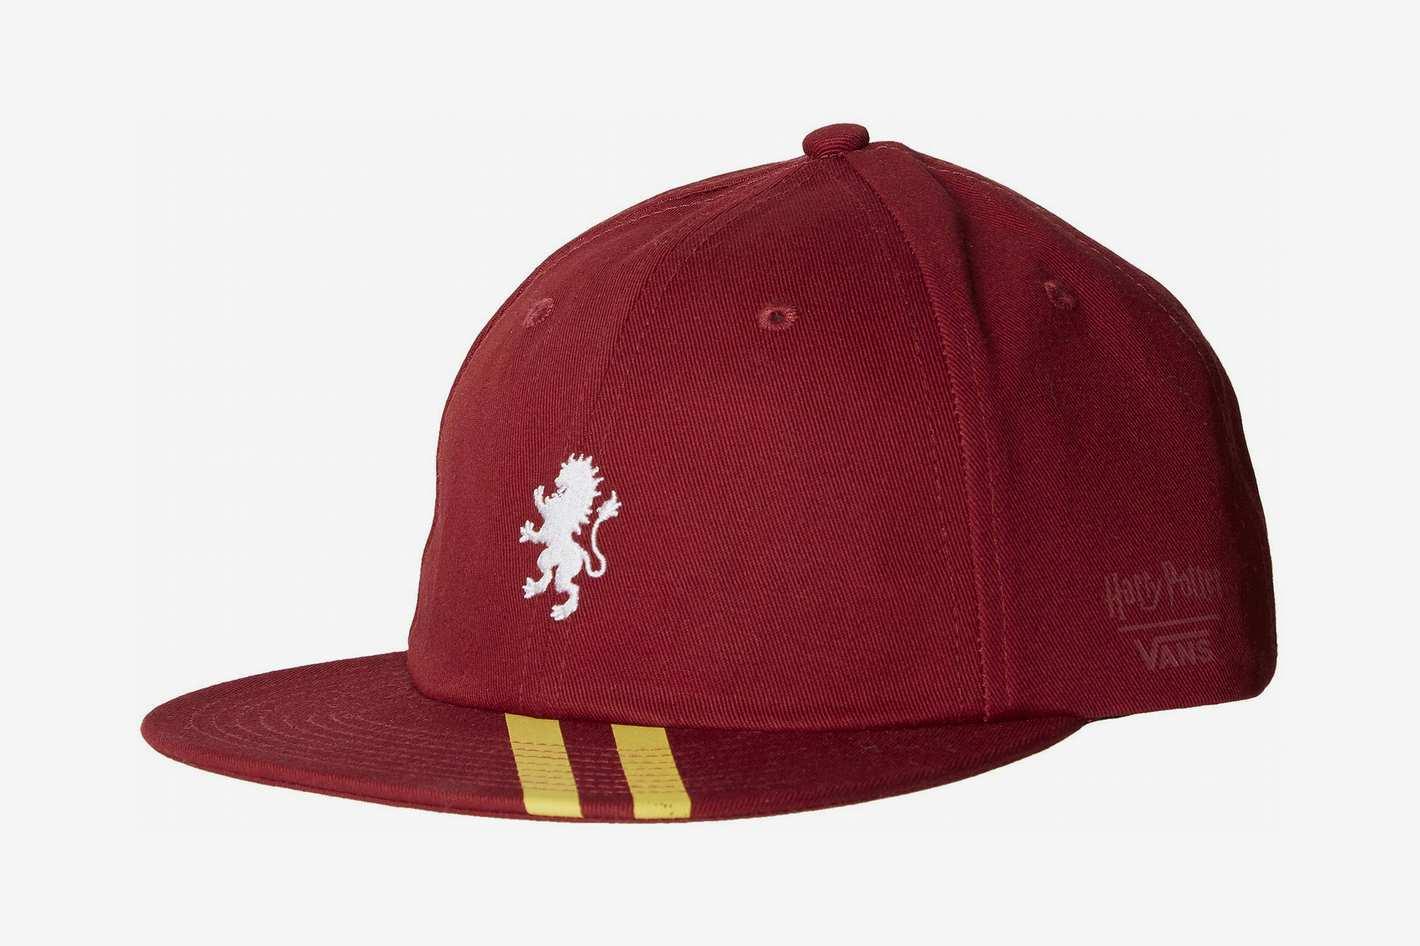 Vans X Harry Potter Gryffindor Hat